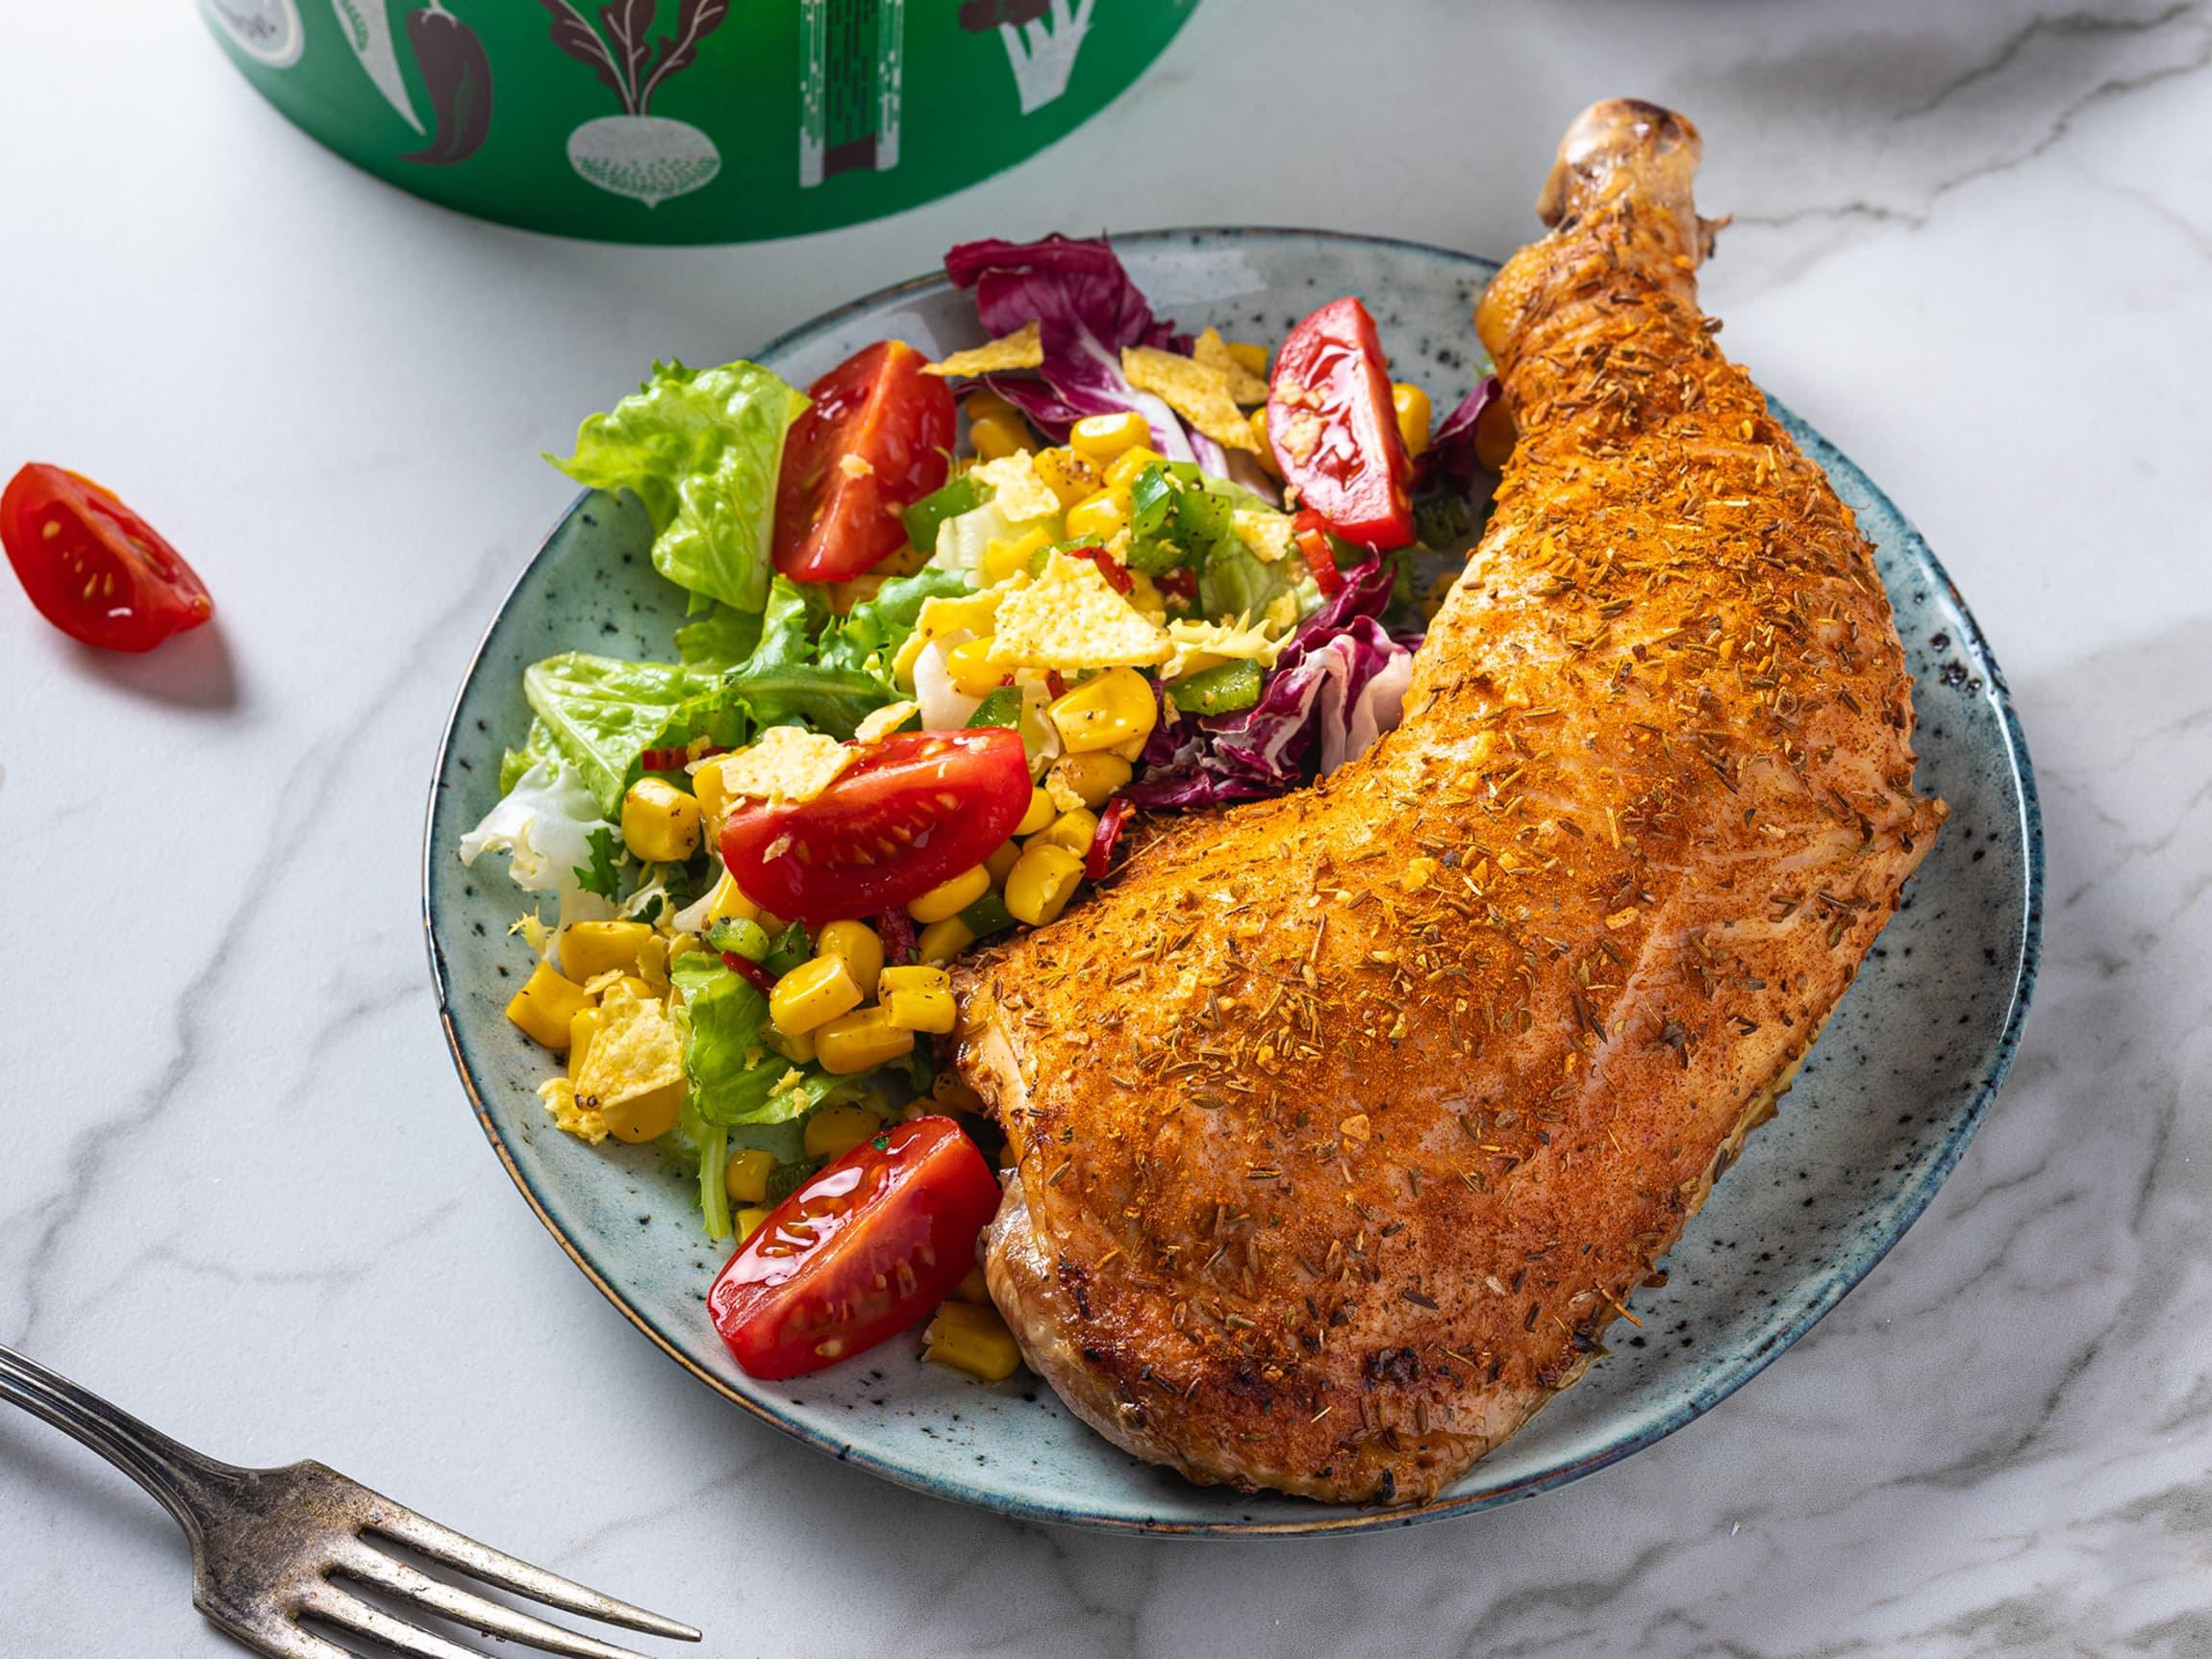 Kyllinglår med sprøstekt skinn er enkelt å få til selv, men du får også kjøpt nygrillet kyllinglår fra varmeskapet i alle MENY-butikker.